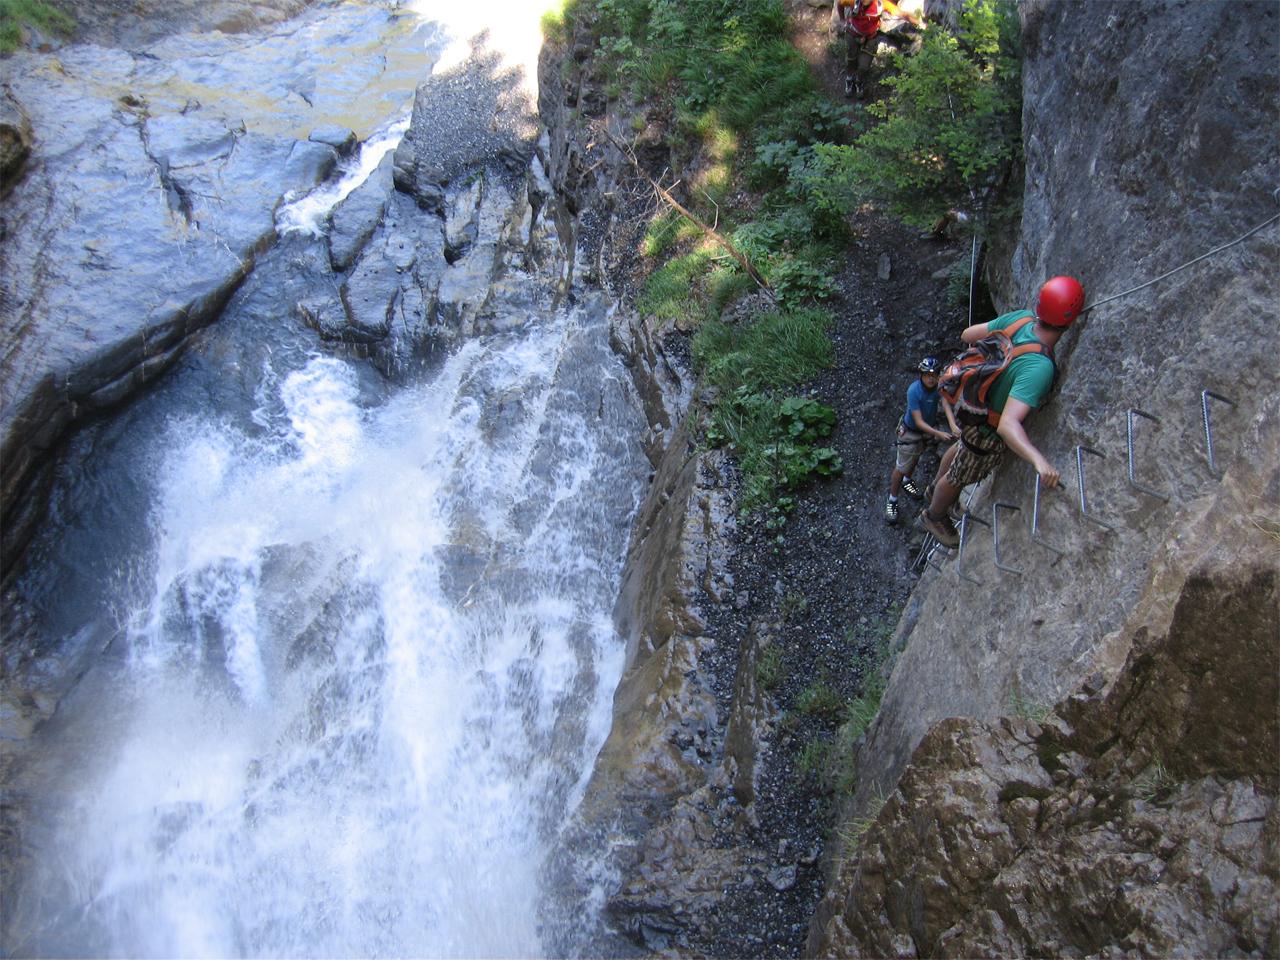 Activiteiten - Via Ferrata Champèry waterval